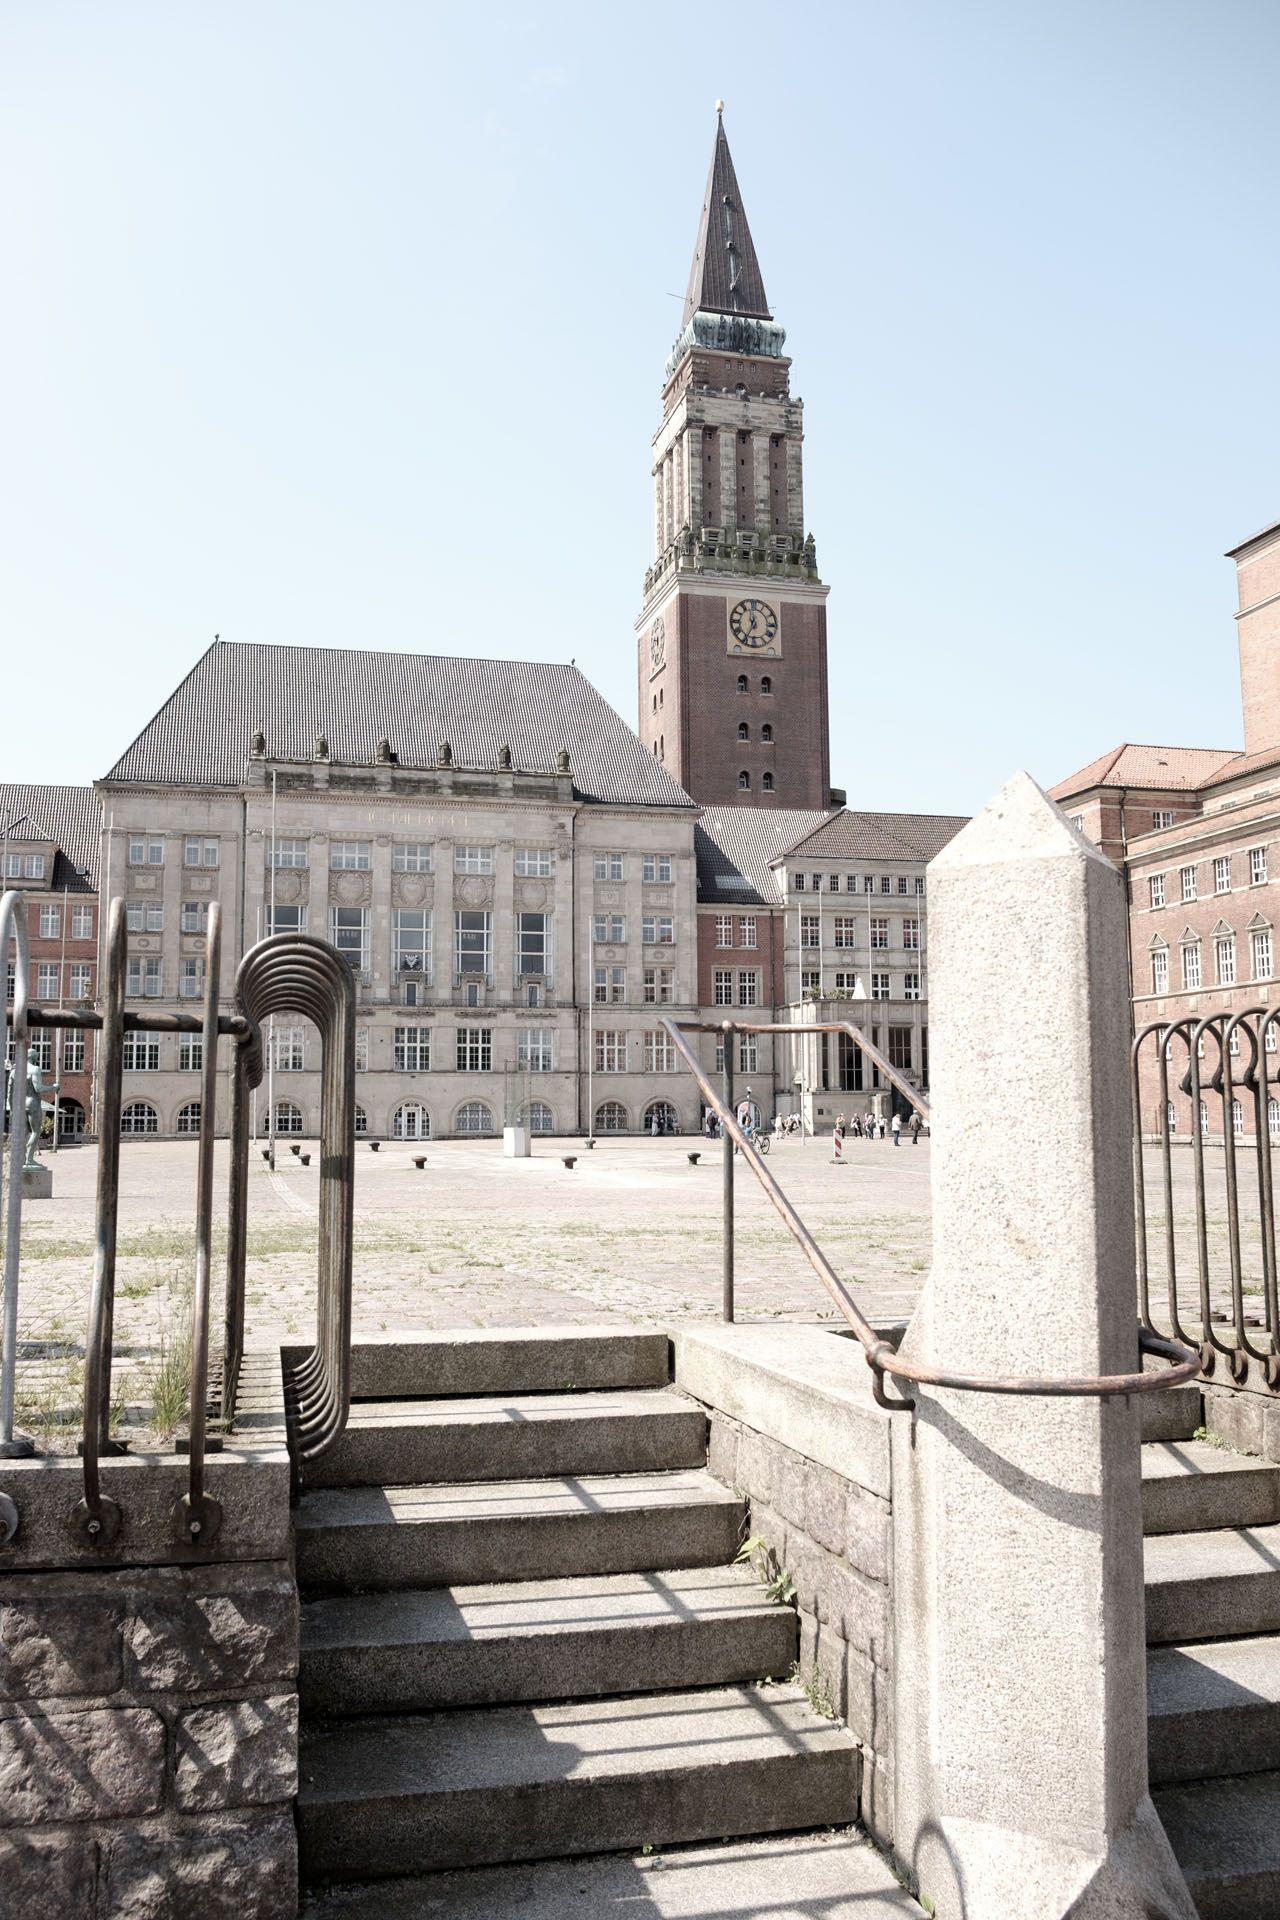 town hall, Kiel, Germany Kiel, Schöne deutsche städte